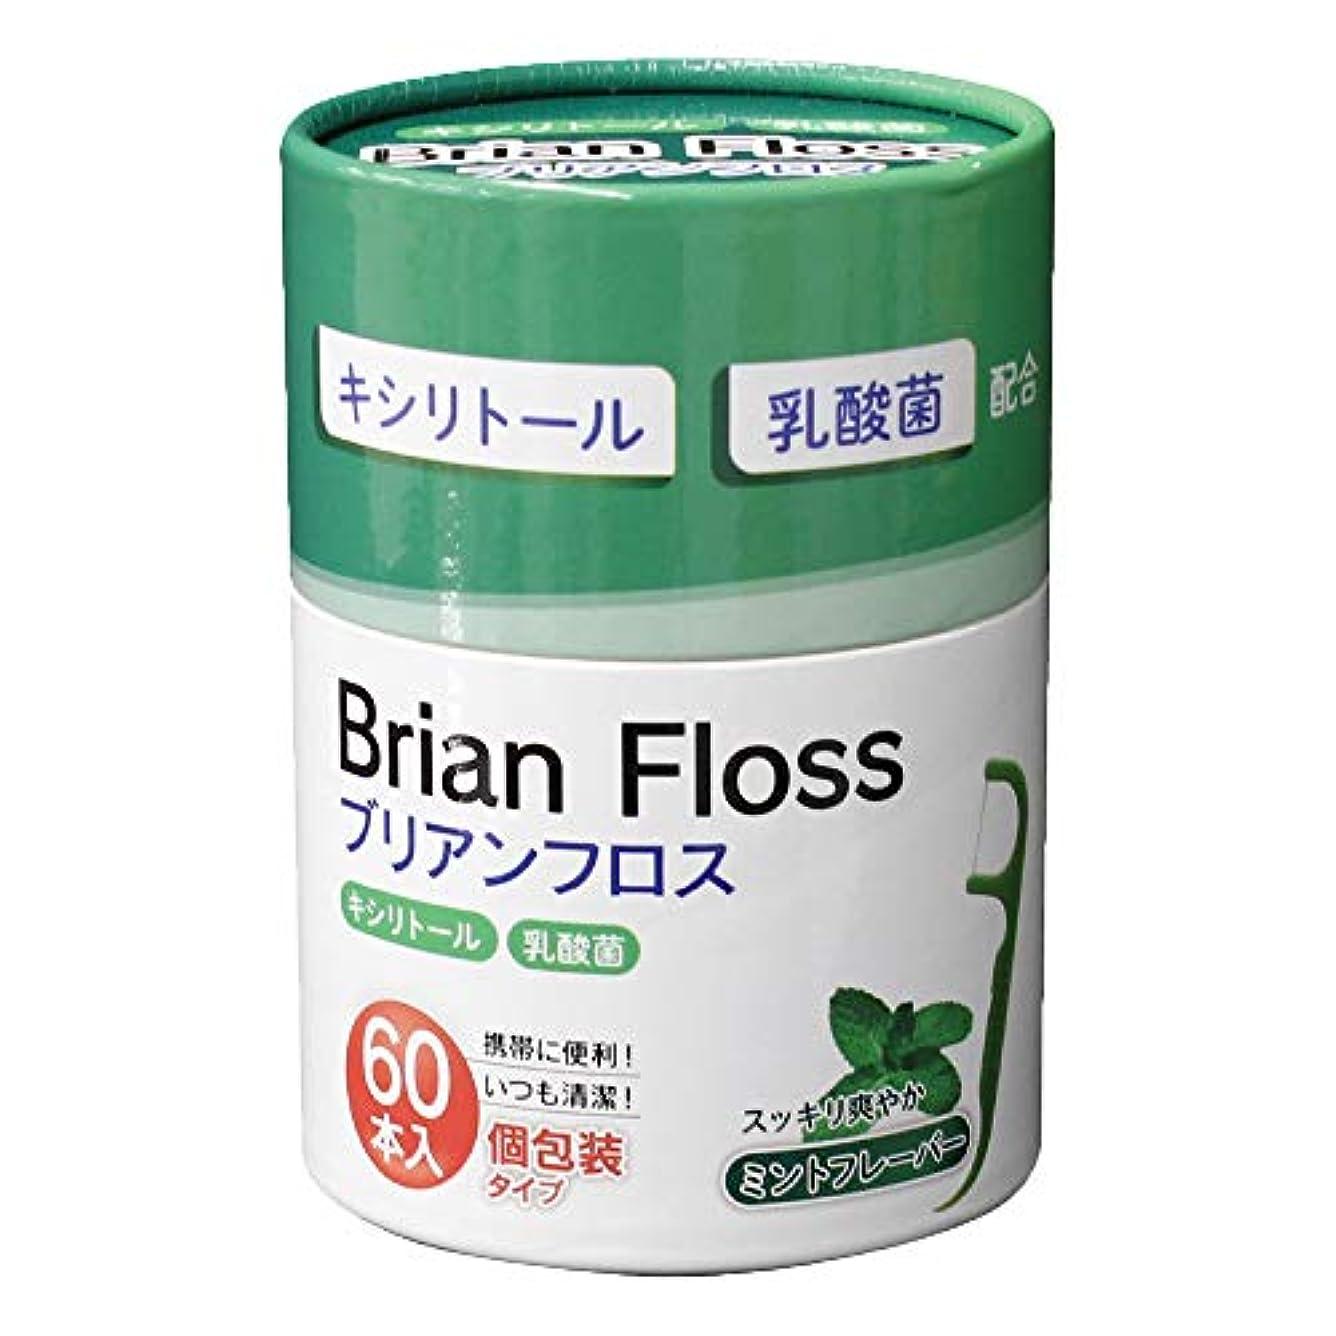 本当のことを言うと不道徳ジャニス(ブリアン) Brian 公式 ブリアンフロス フロス 歯 デンタル 乳酸菌 キシリトール 虫歯 予防 歯科医師 歯医者 監修 B0005 60本入り